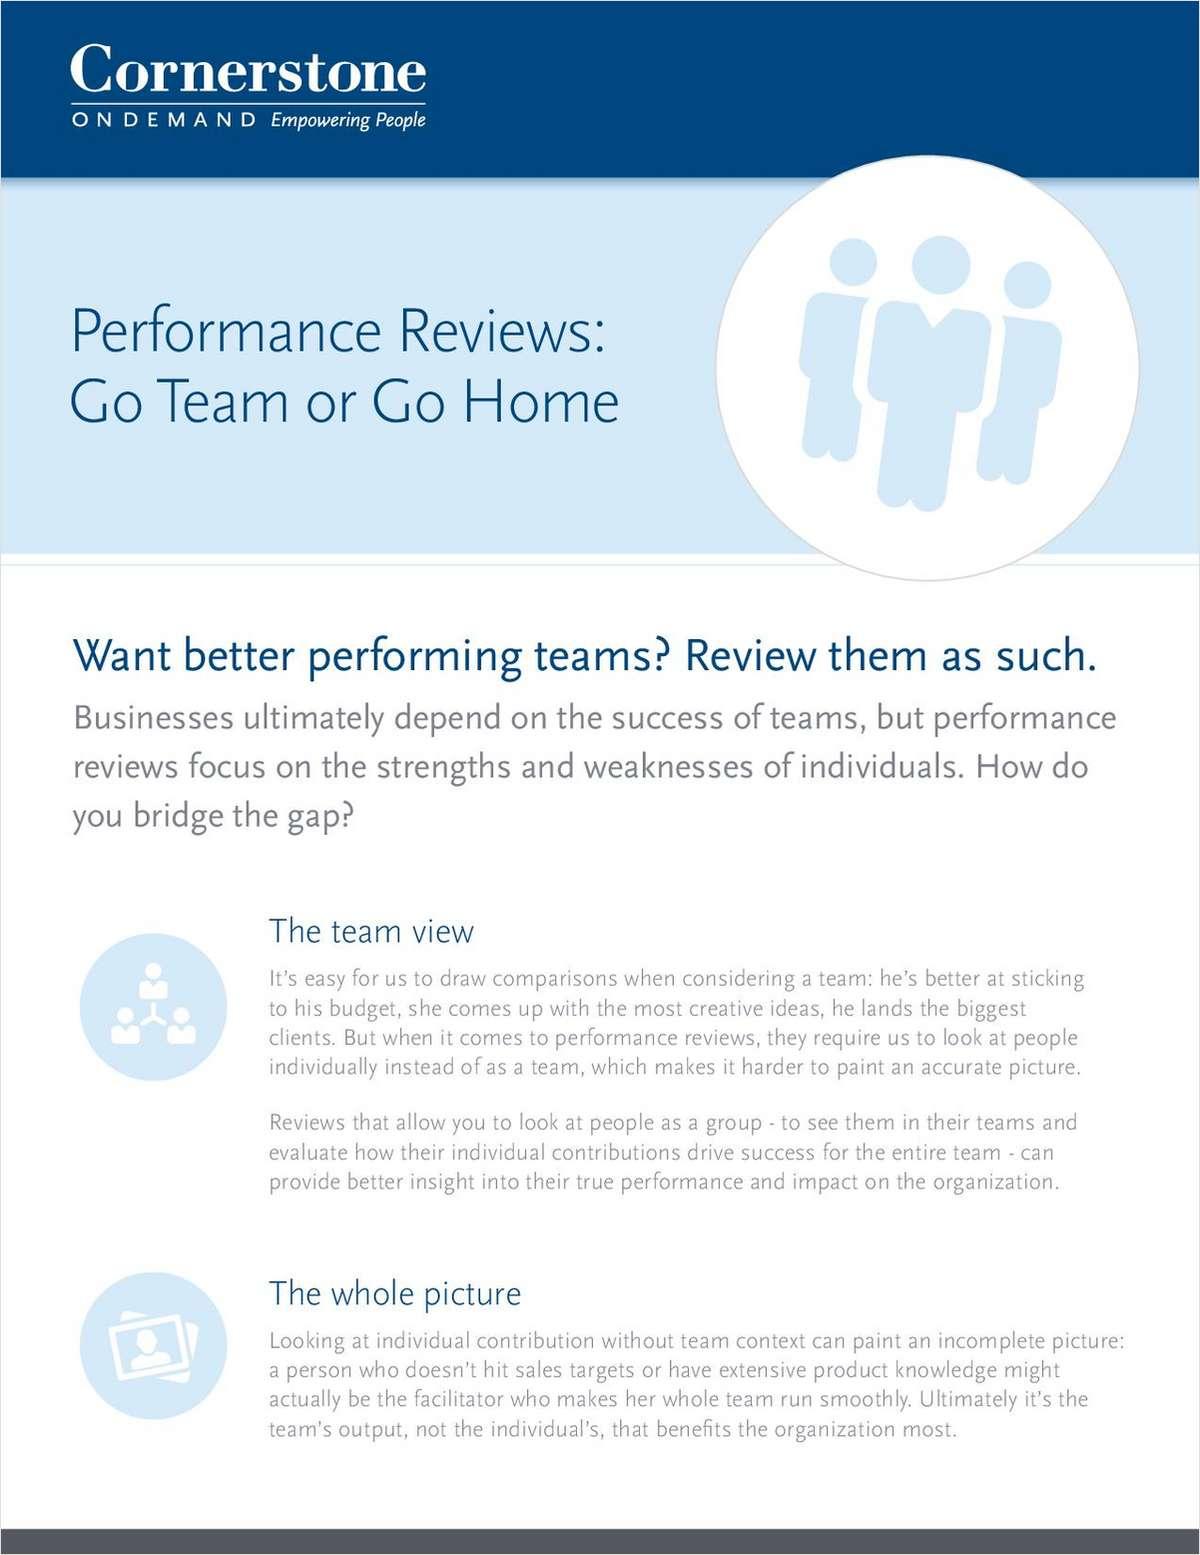 Performance Reviews: Go Team or Go Home